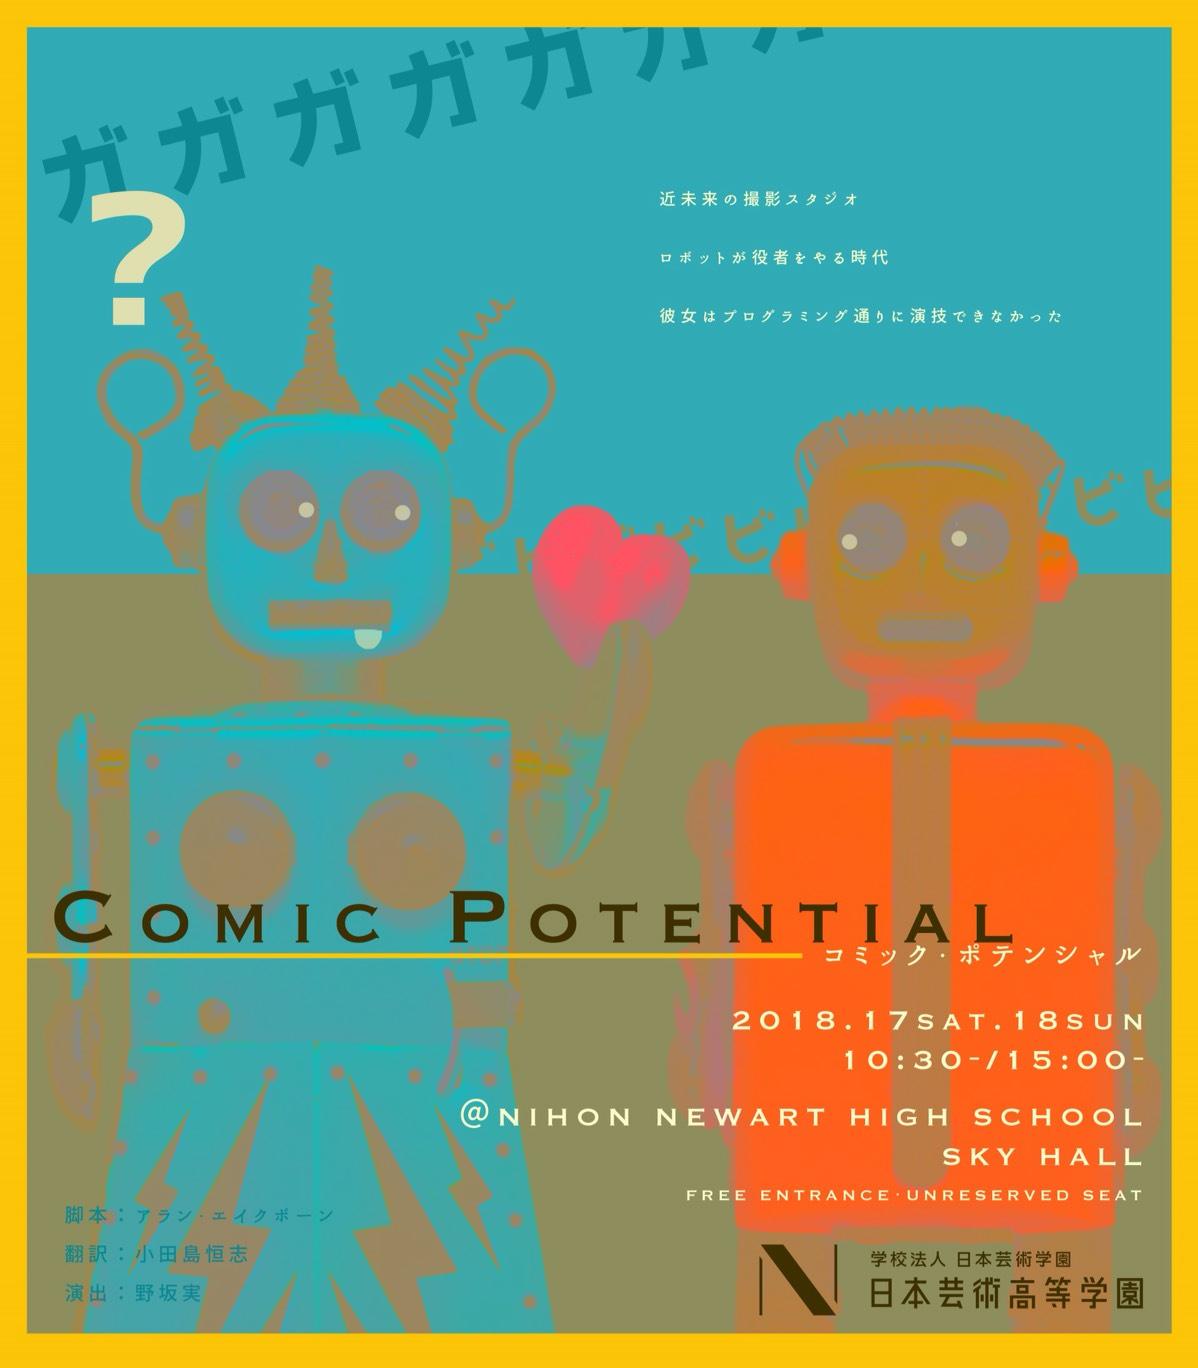 日本芸術高等学園 舞台製作カリキュラム『コミック・ポテンシャル』